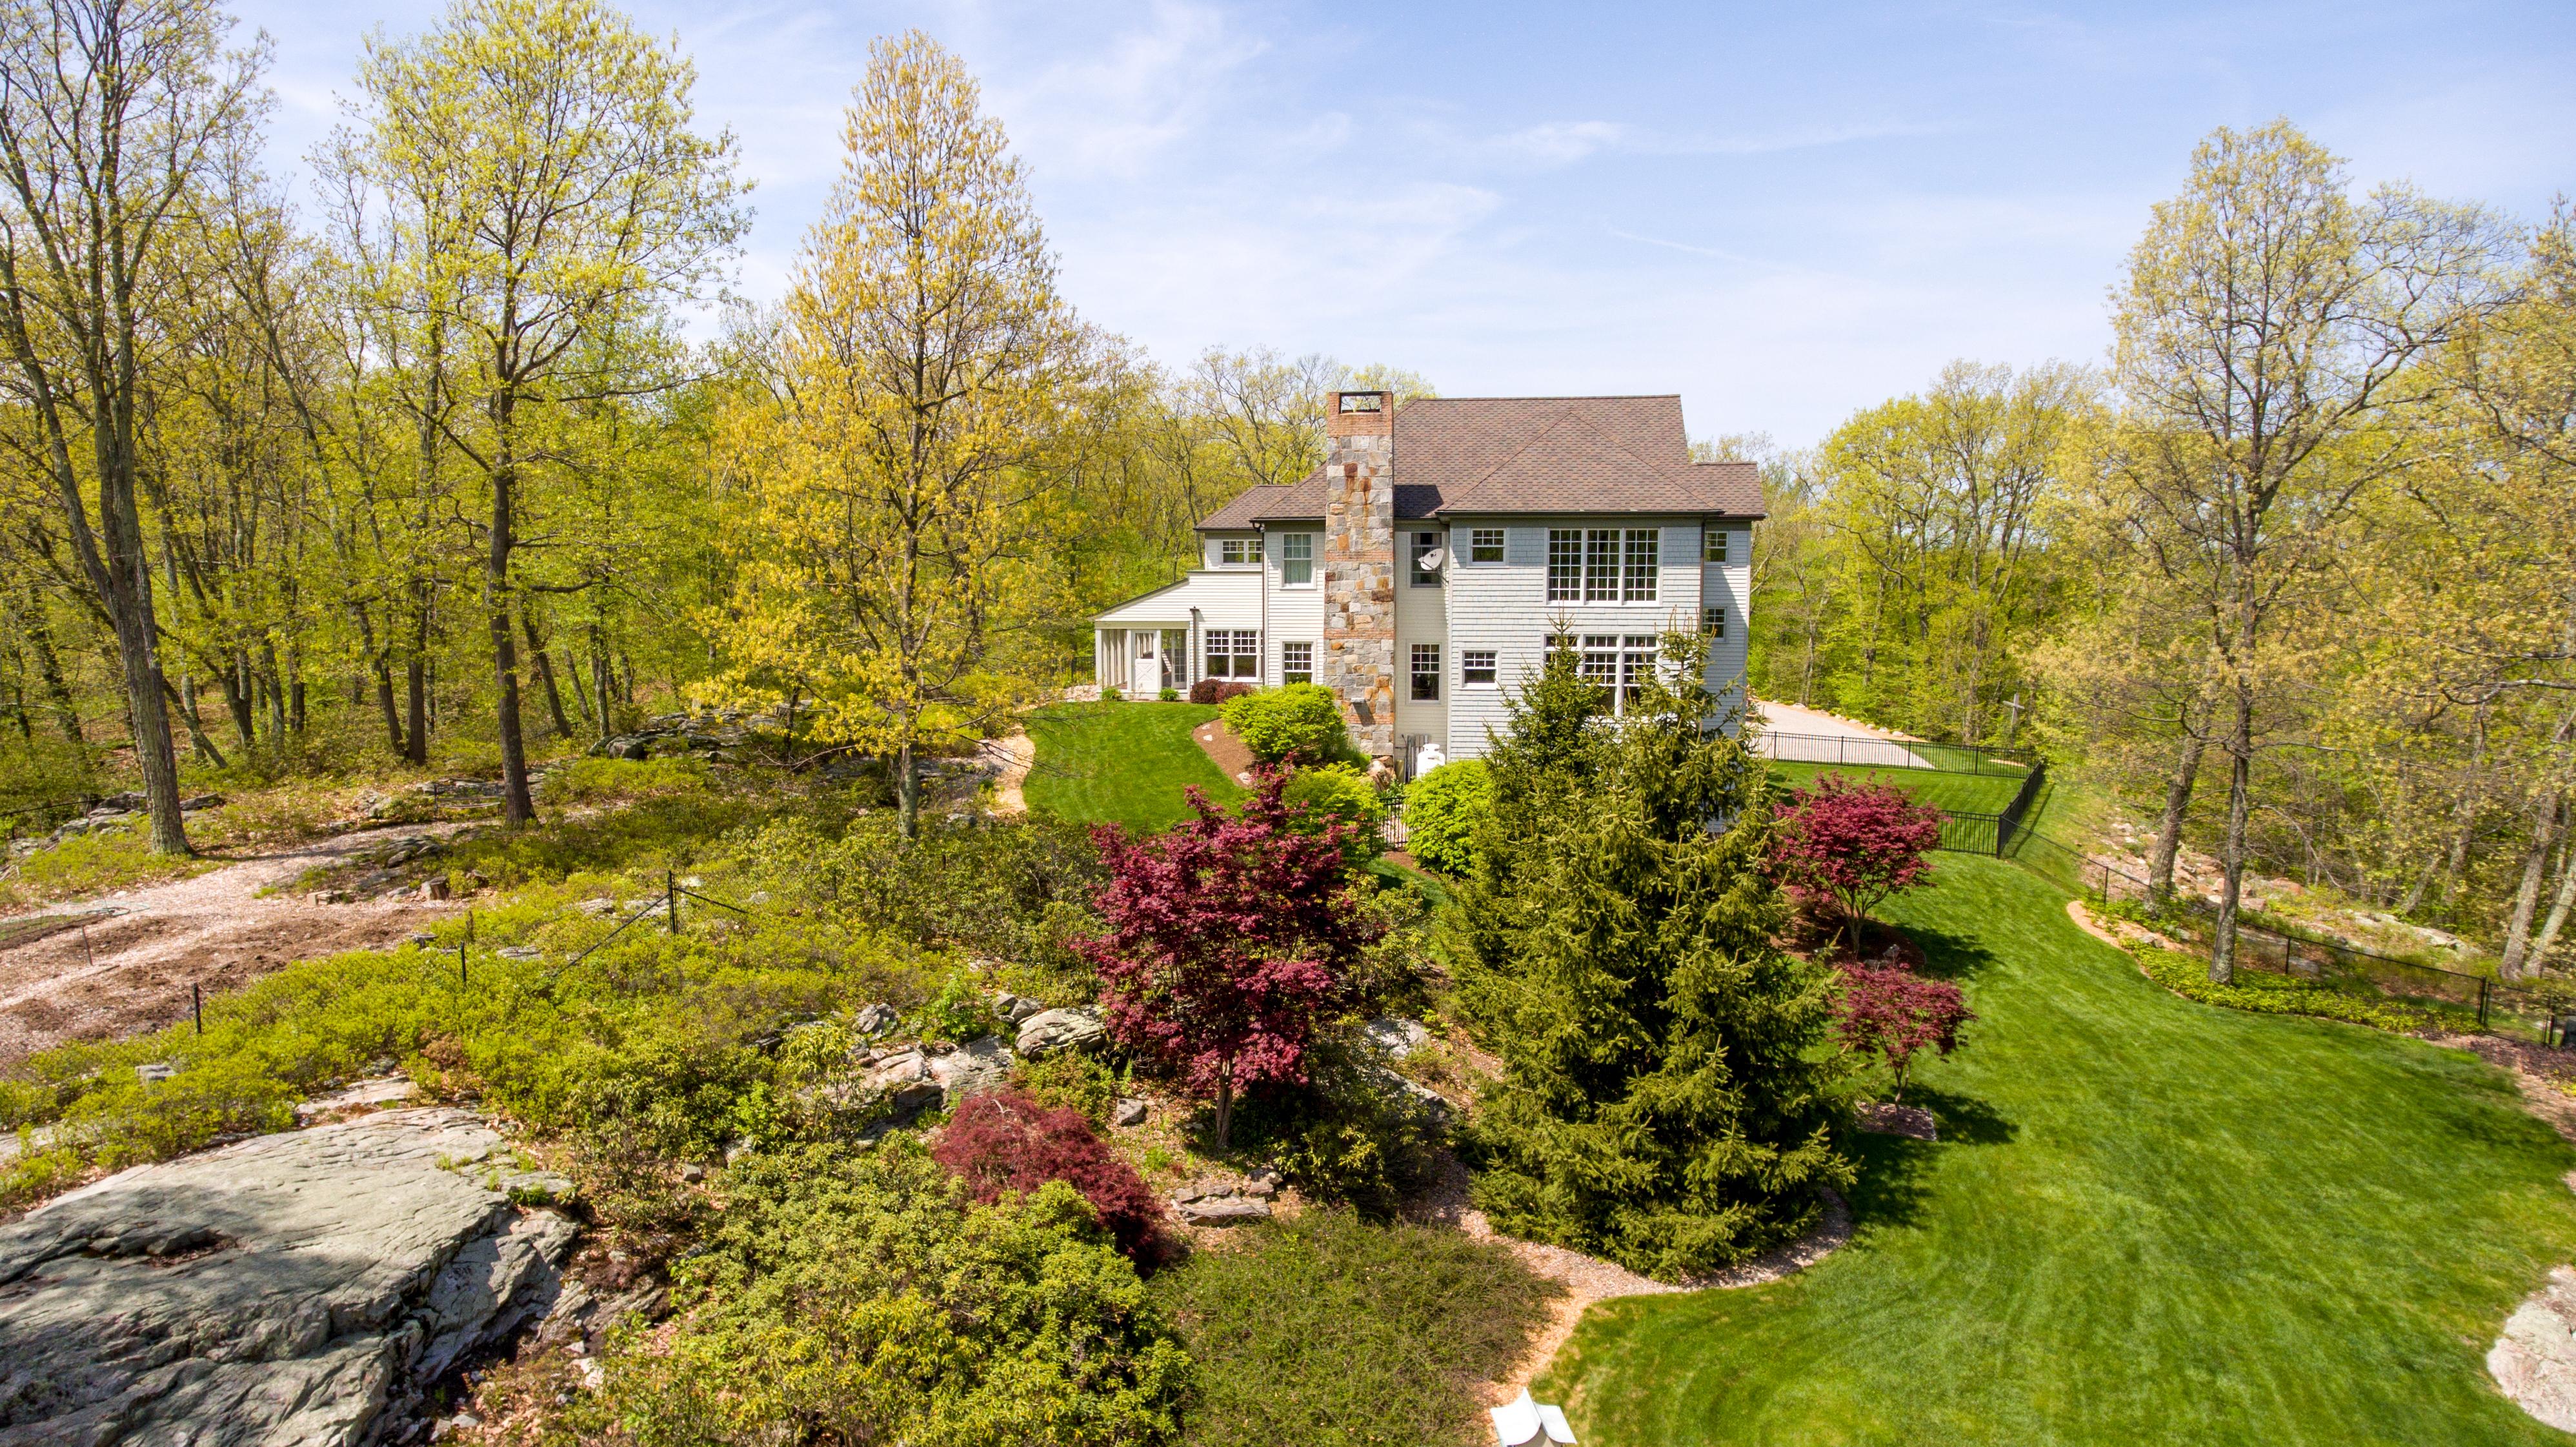 Maison unifamiliale pour l Vente à Mill Pond Estates Masterpiece 2 Mill Pond Rd Sherman, Connecticut 06784 États-Unis